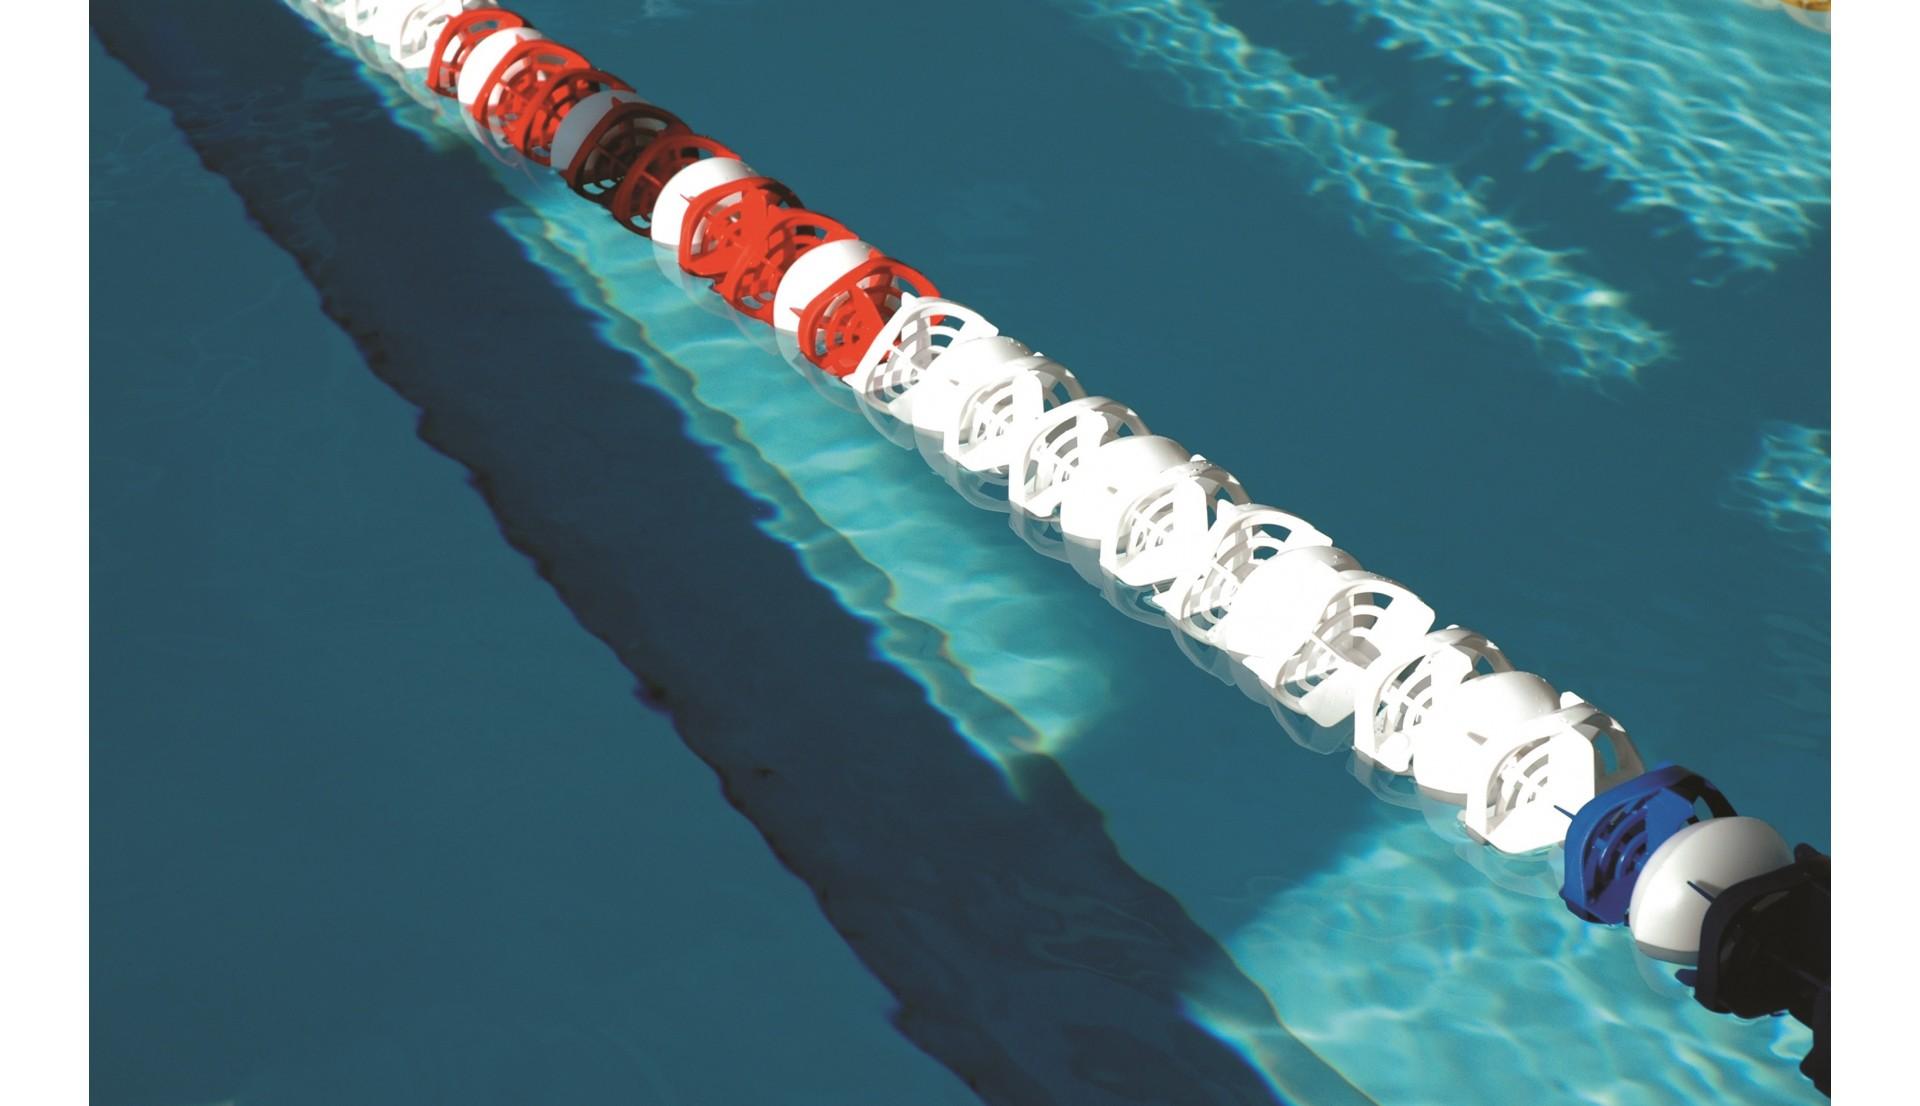 Echipamente competitii sportive